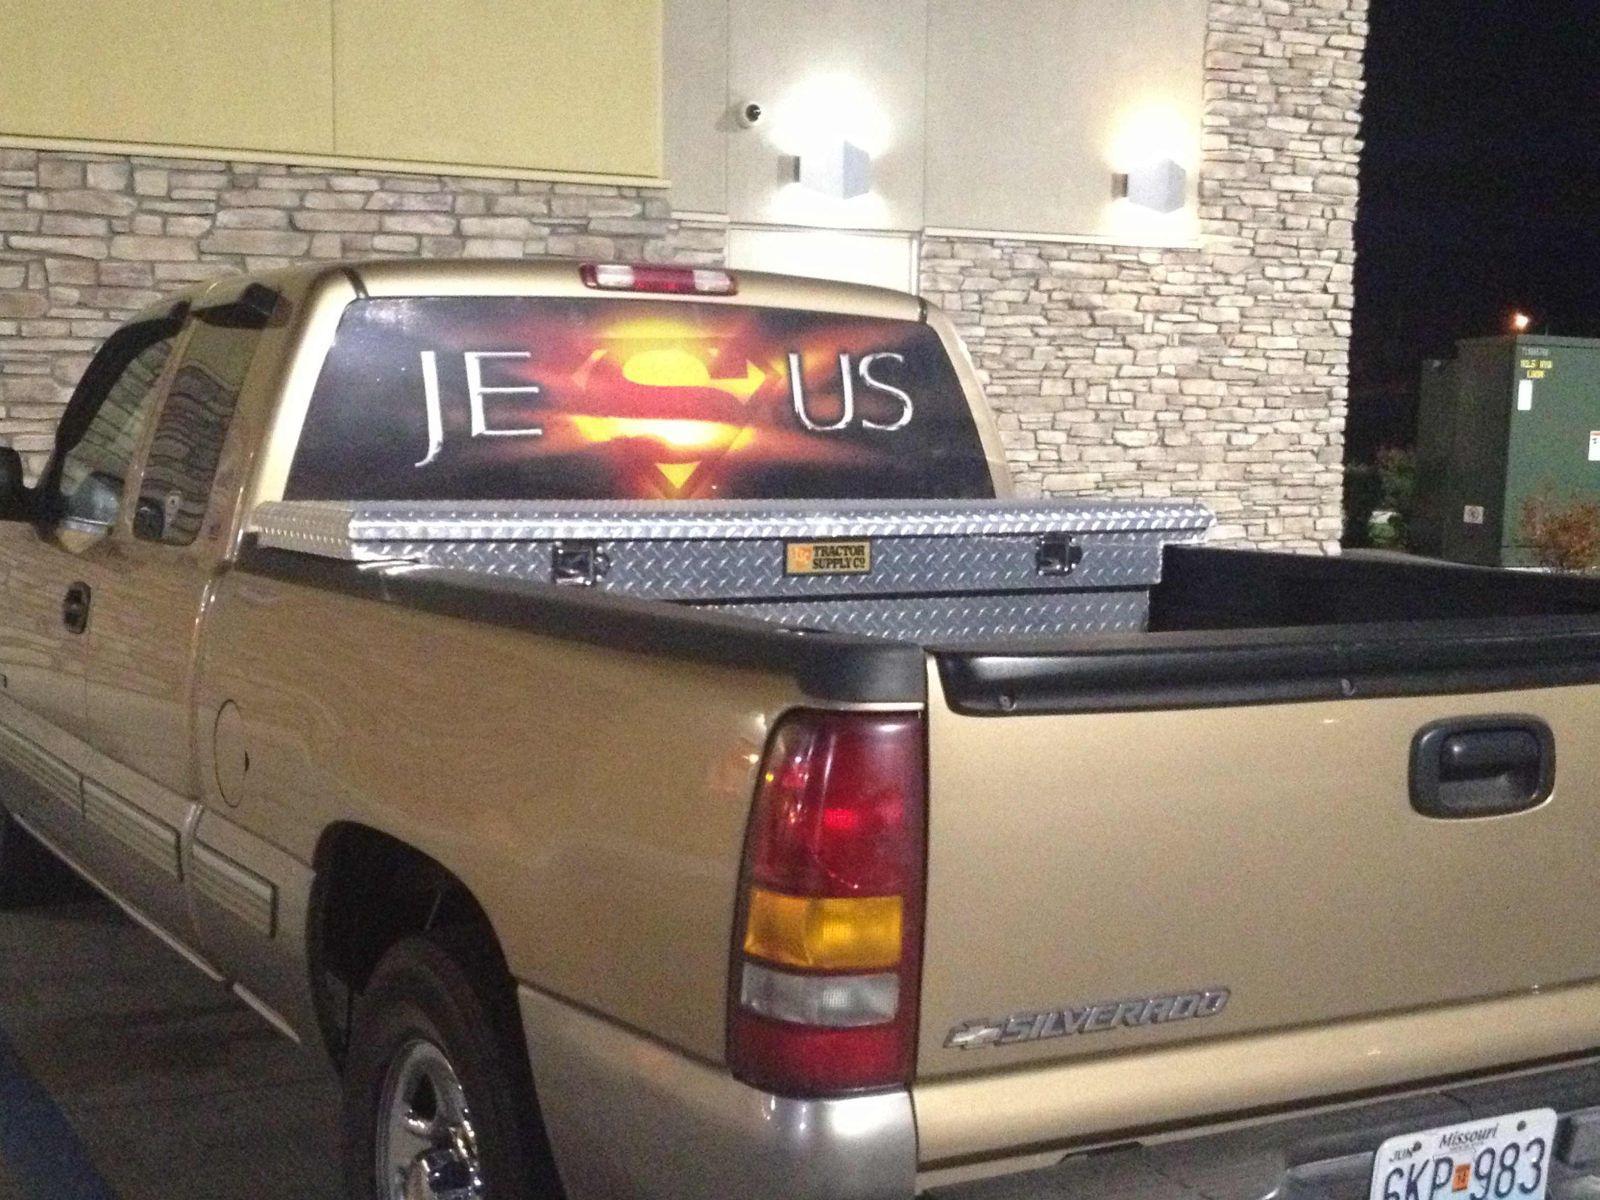 jesus-superman